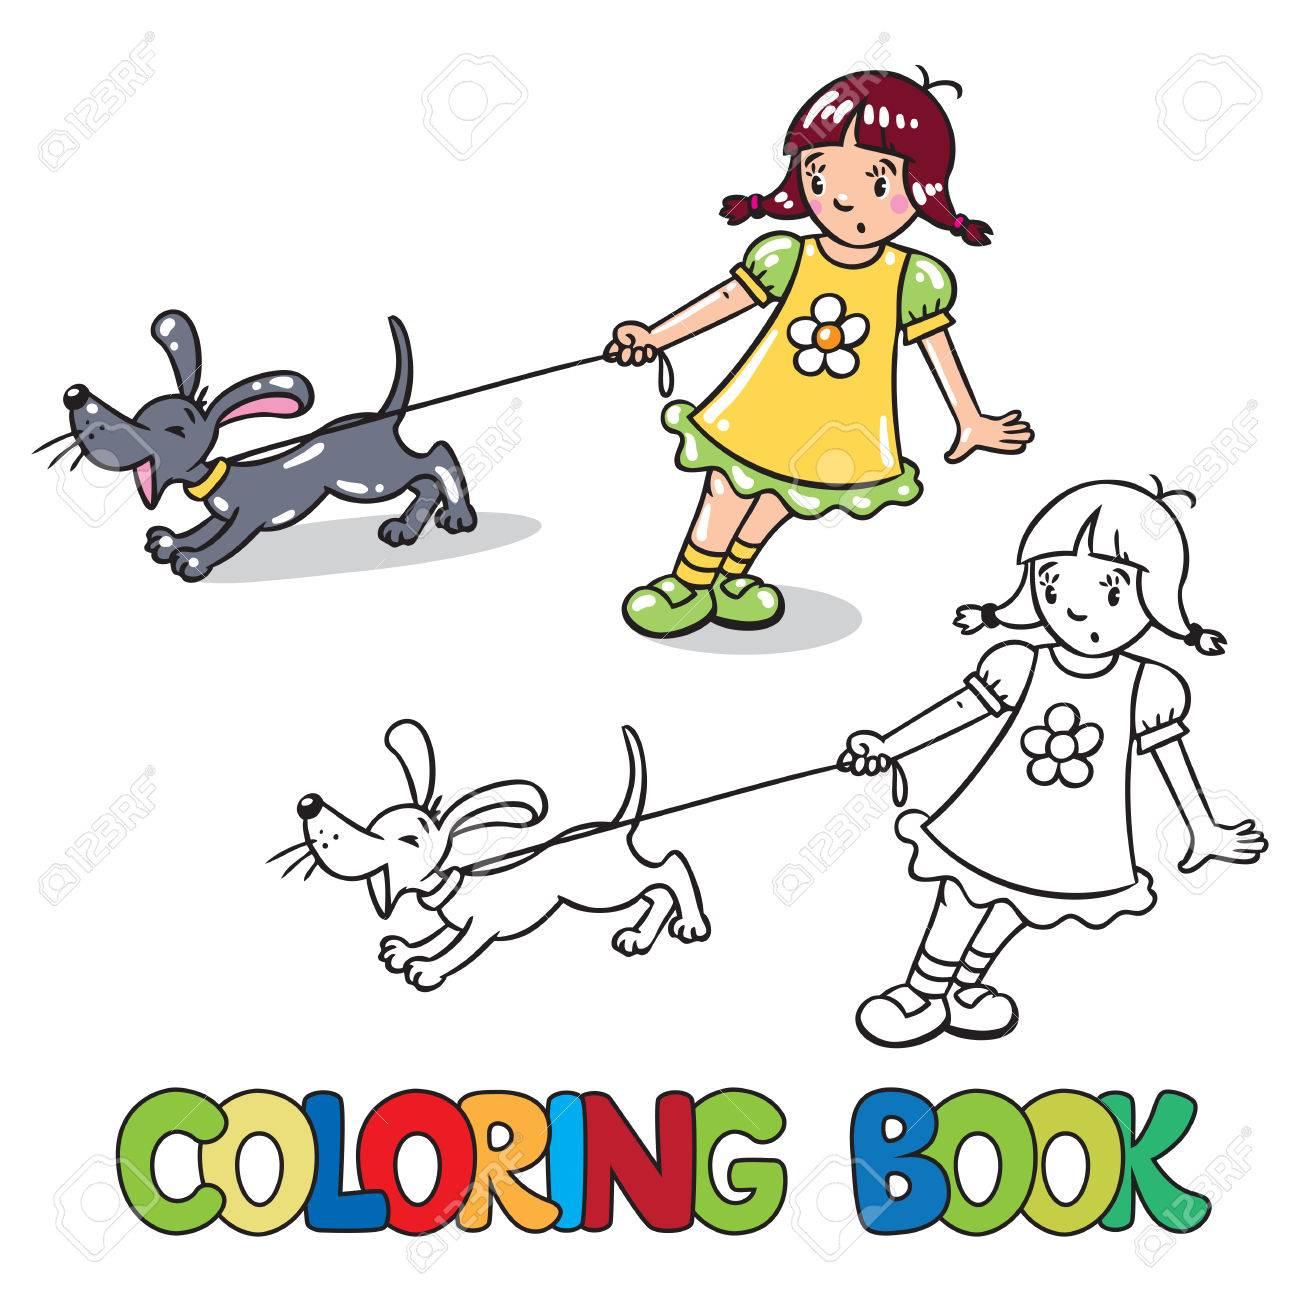 Libro Para Colorear O Imagen Coloración De La Muchacha Que Sostiene El Perro Ladrando Correa O Cachorro